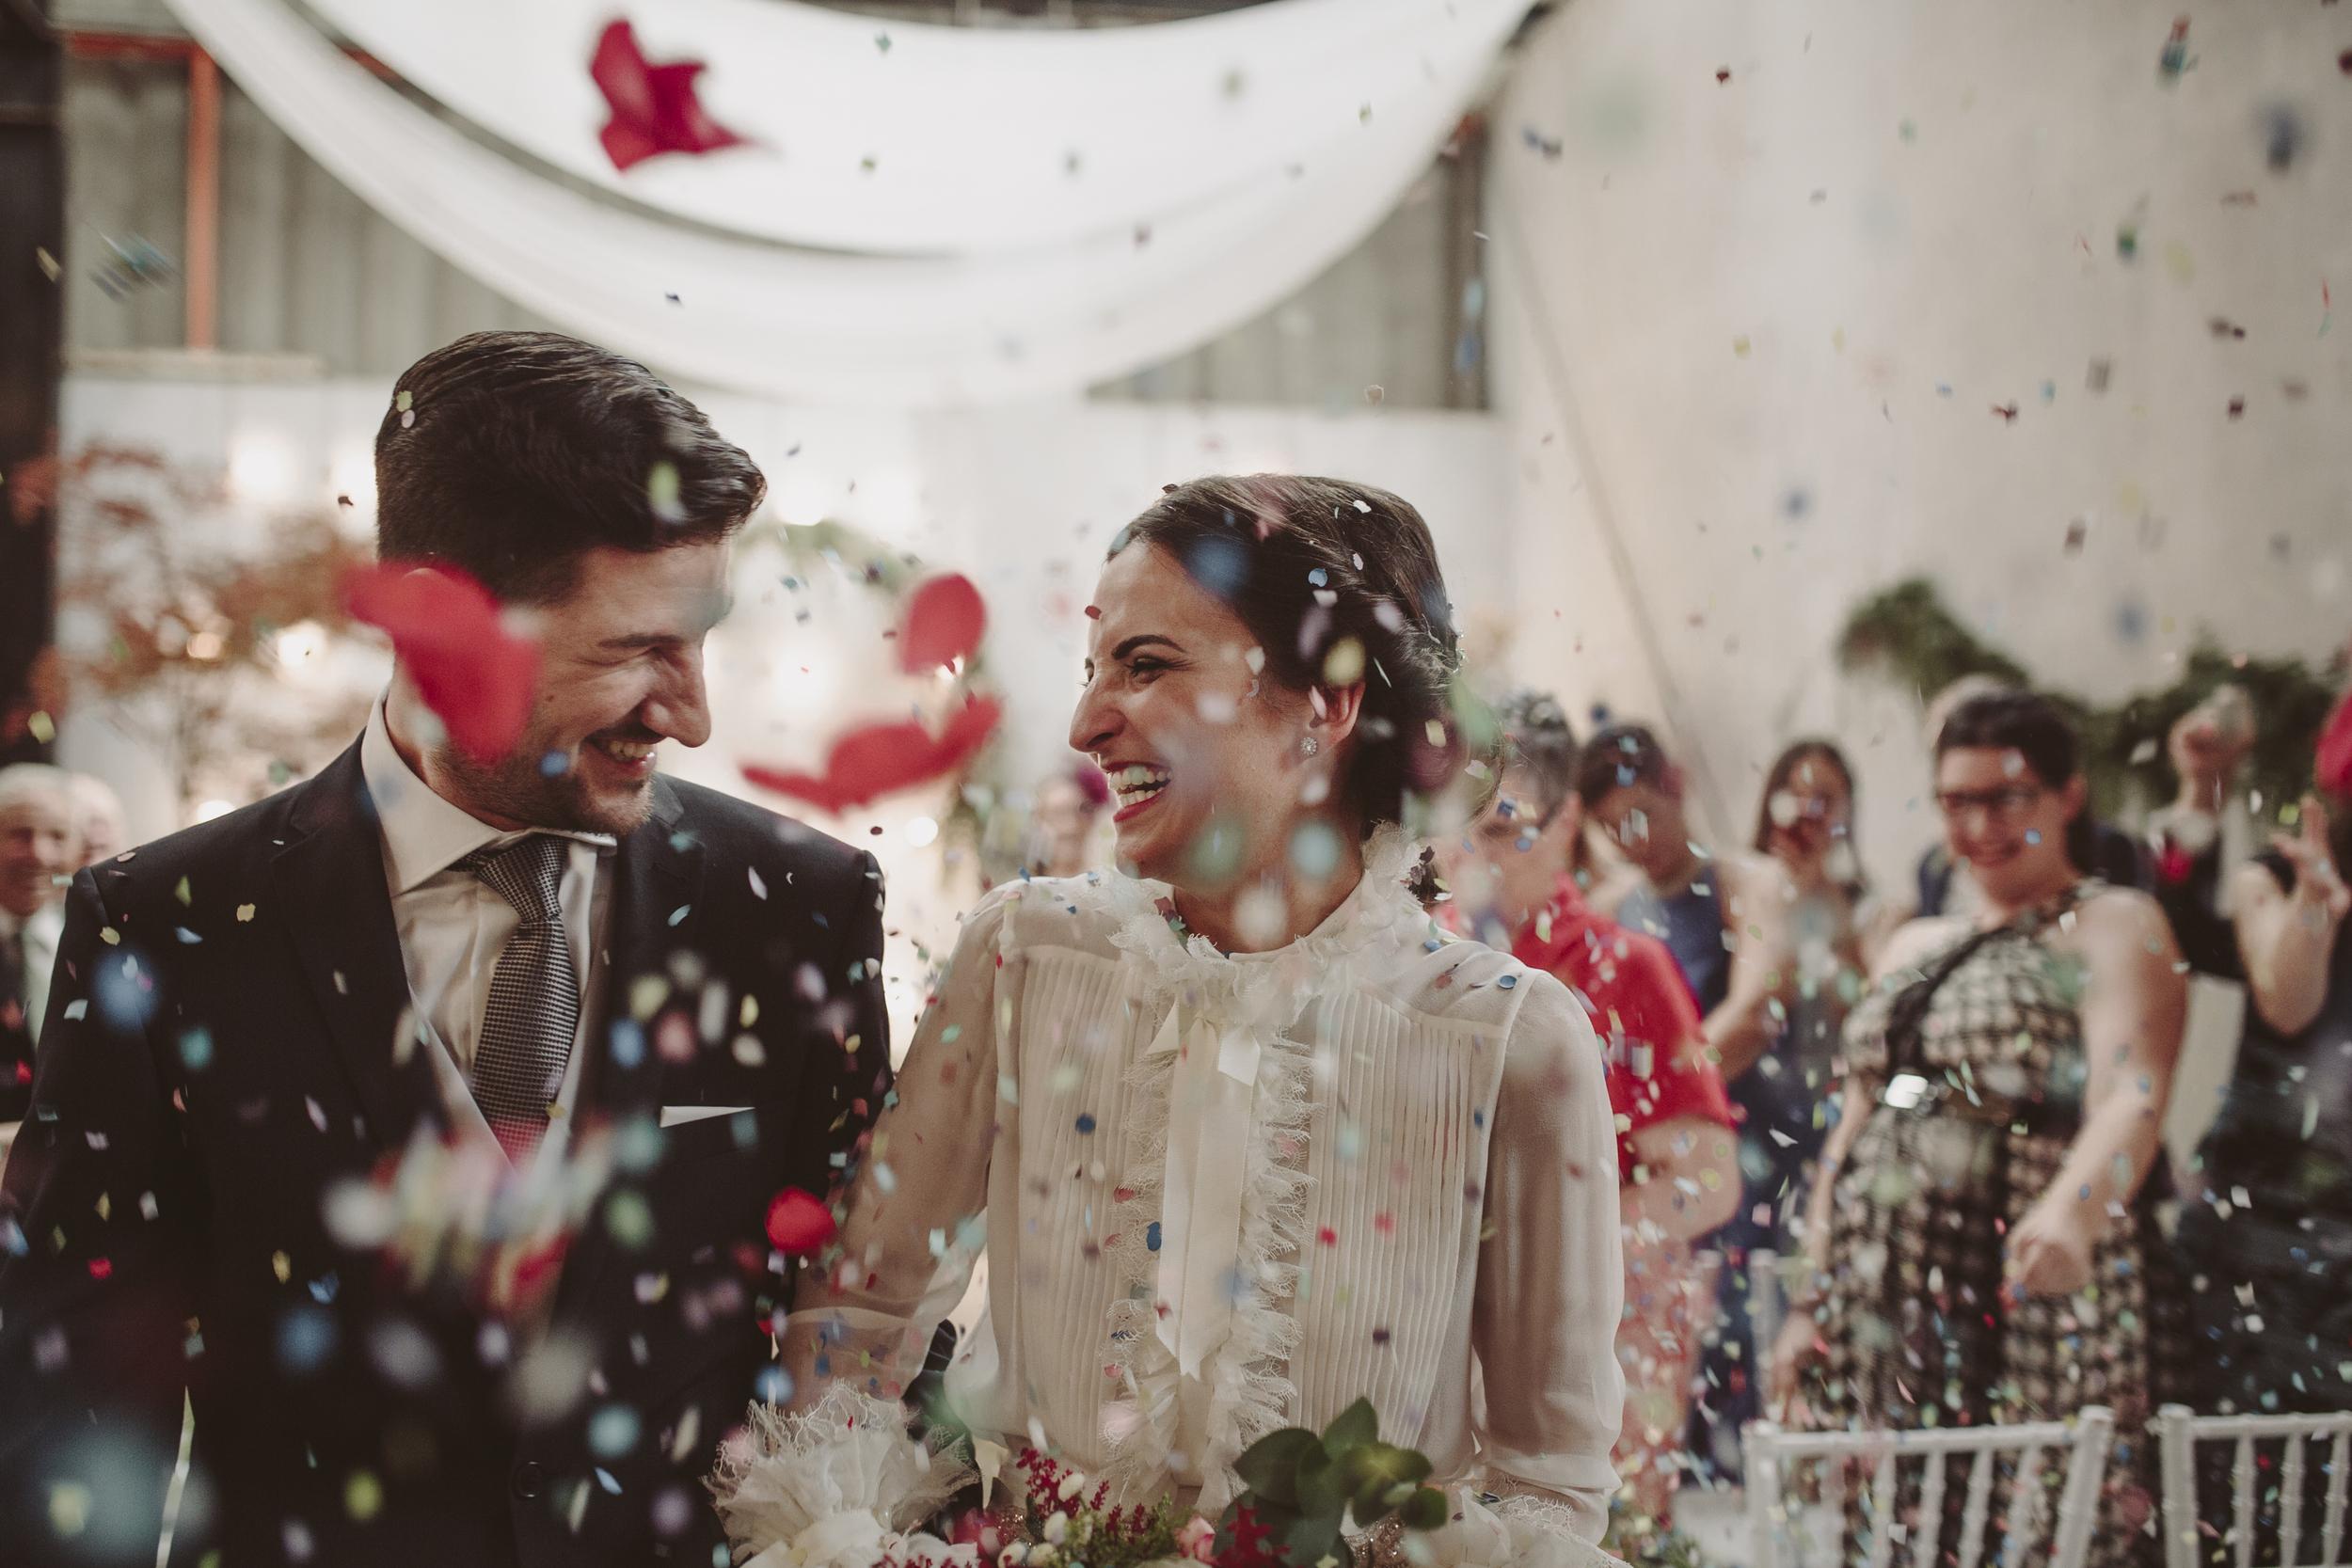 Fotografo bodas Pontevedra Graciela Vilagudin 630.jpg